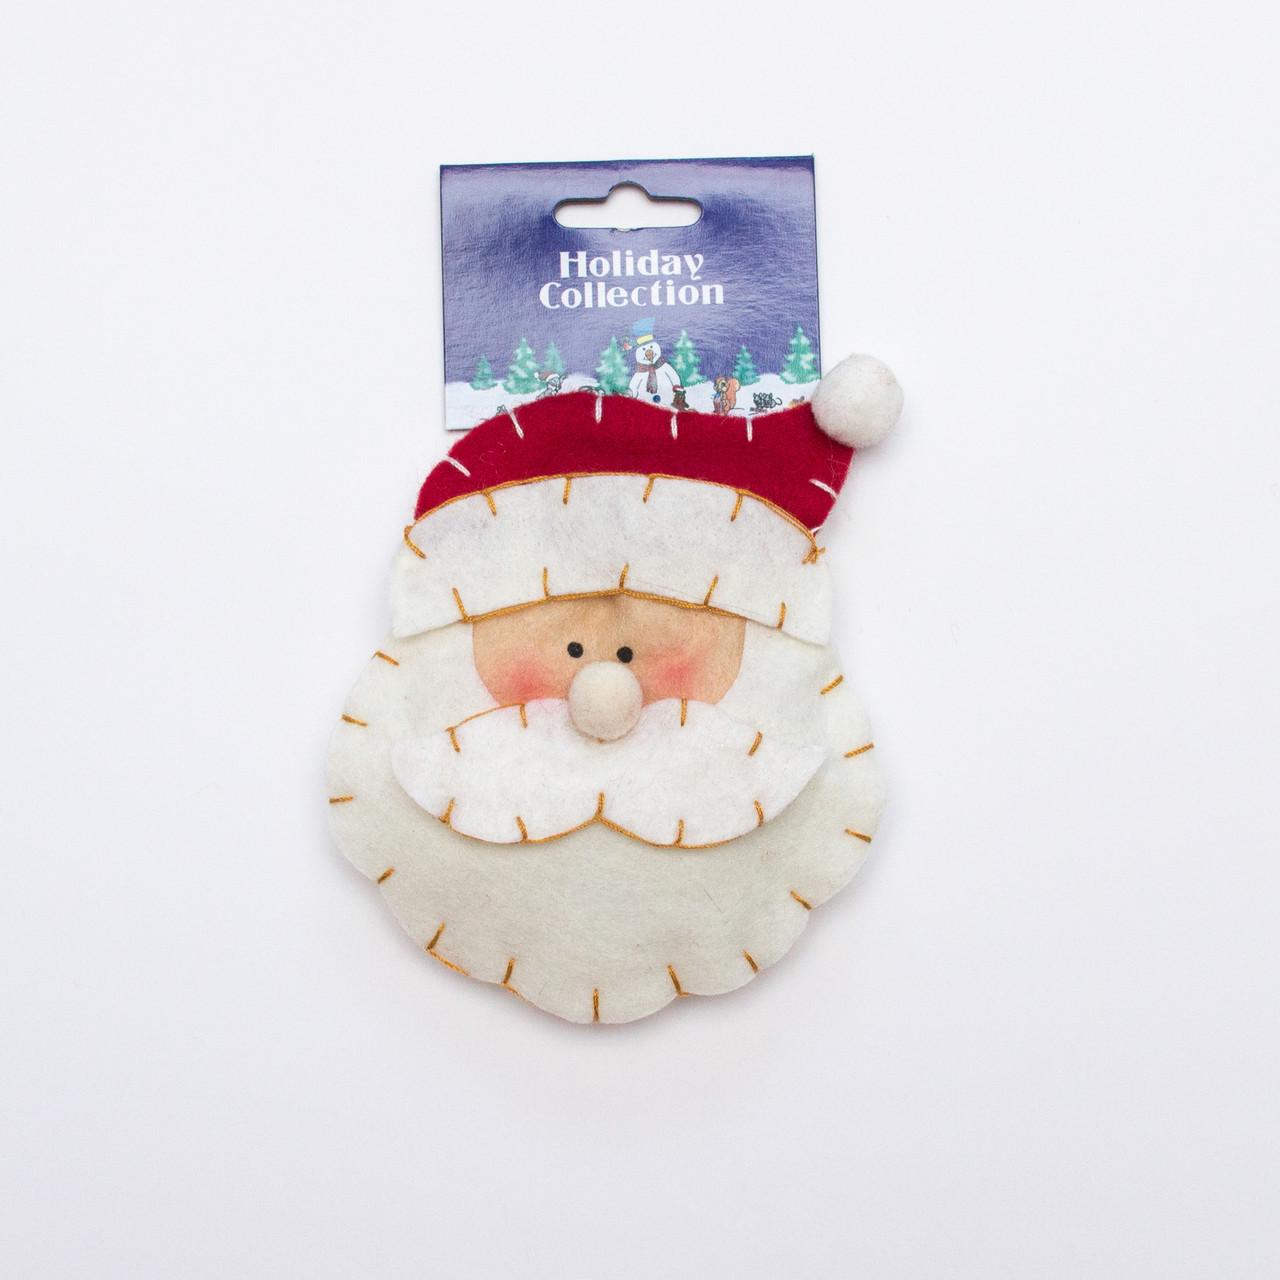 Фигурка сувенирная из полиэстера на подвеске, 11см, лицо Деда Мороза, (000739-3)